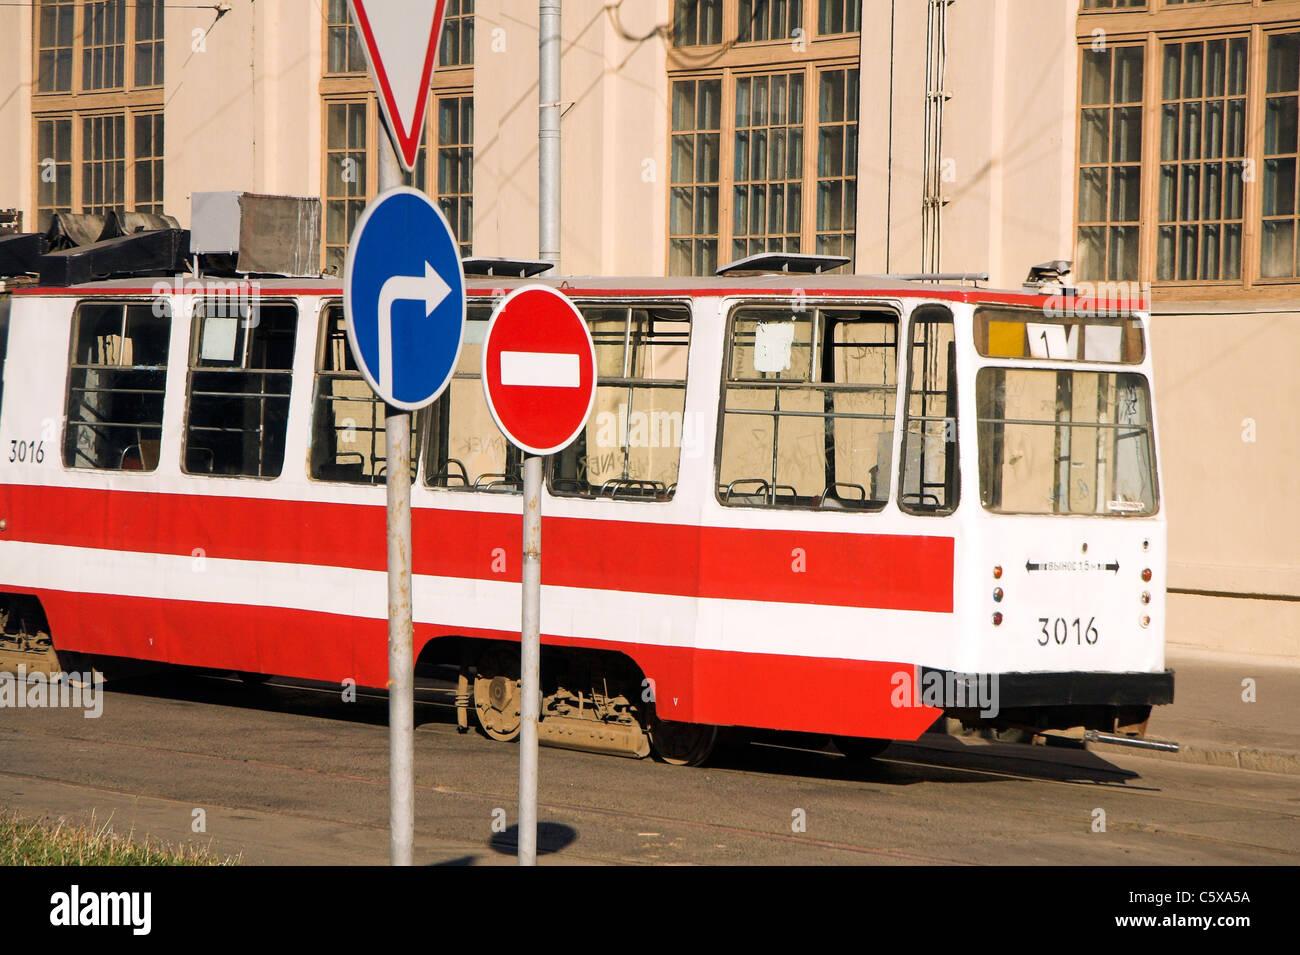 Ice tram in St. Petersburg